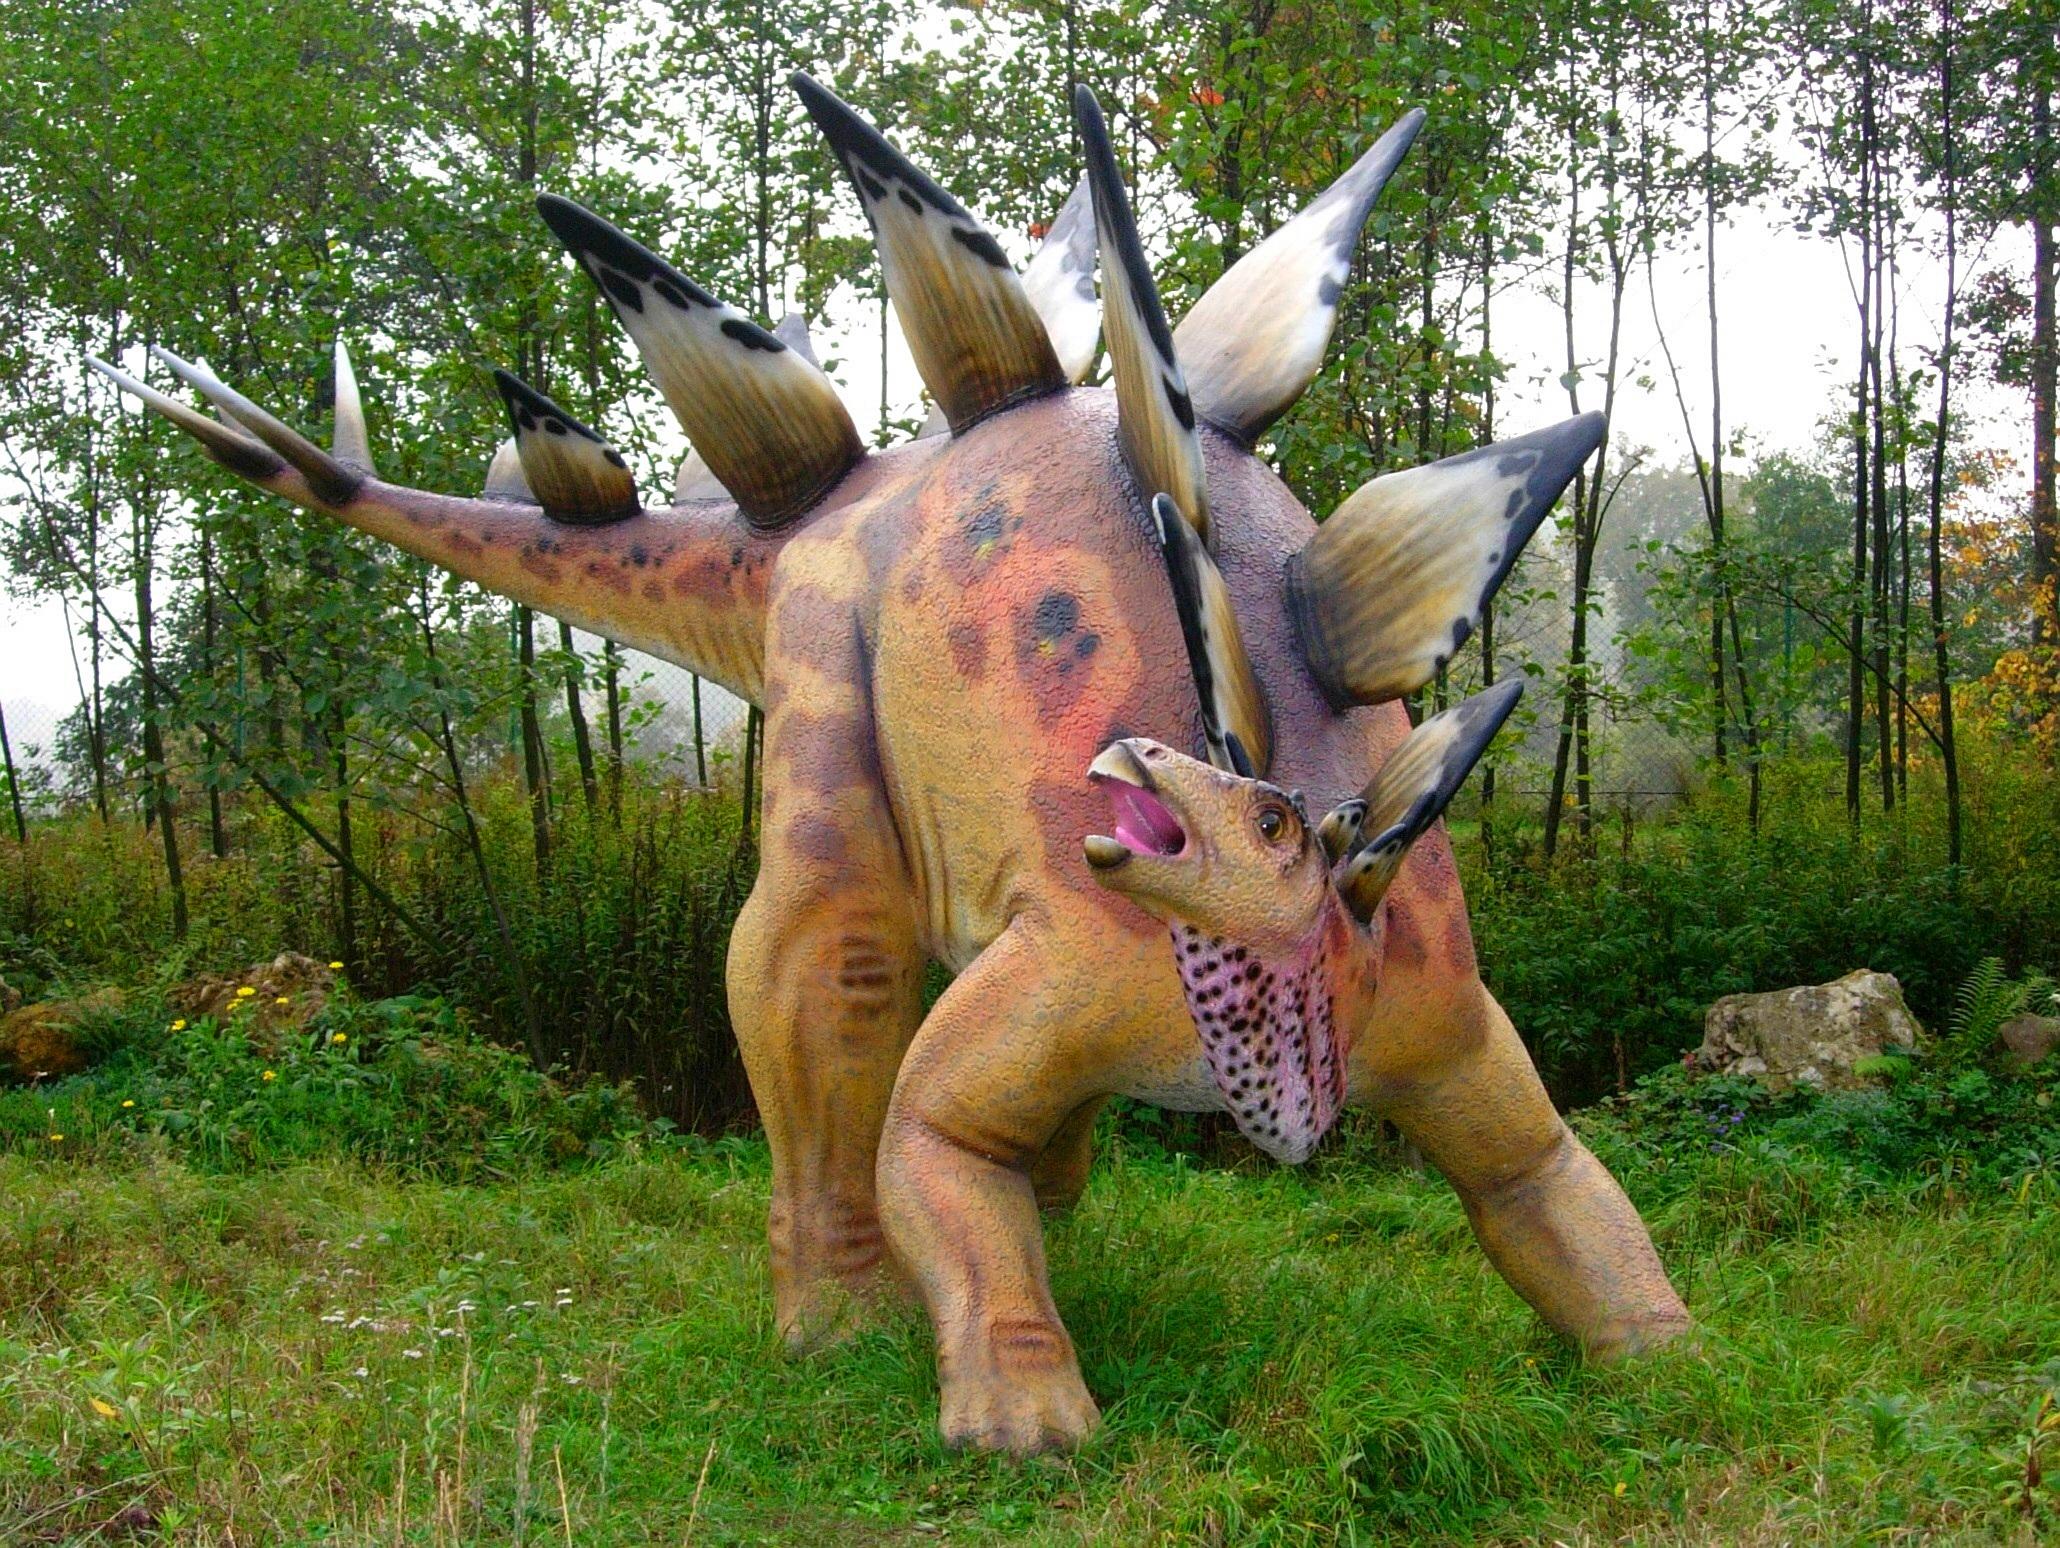 stegasaurus, stomping gender norms